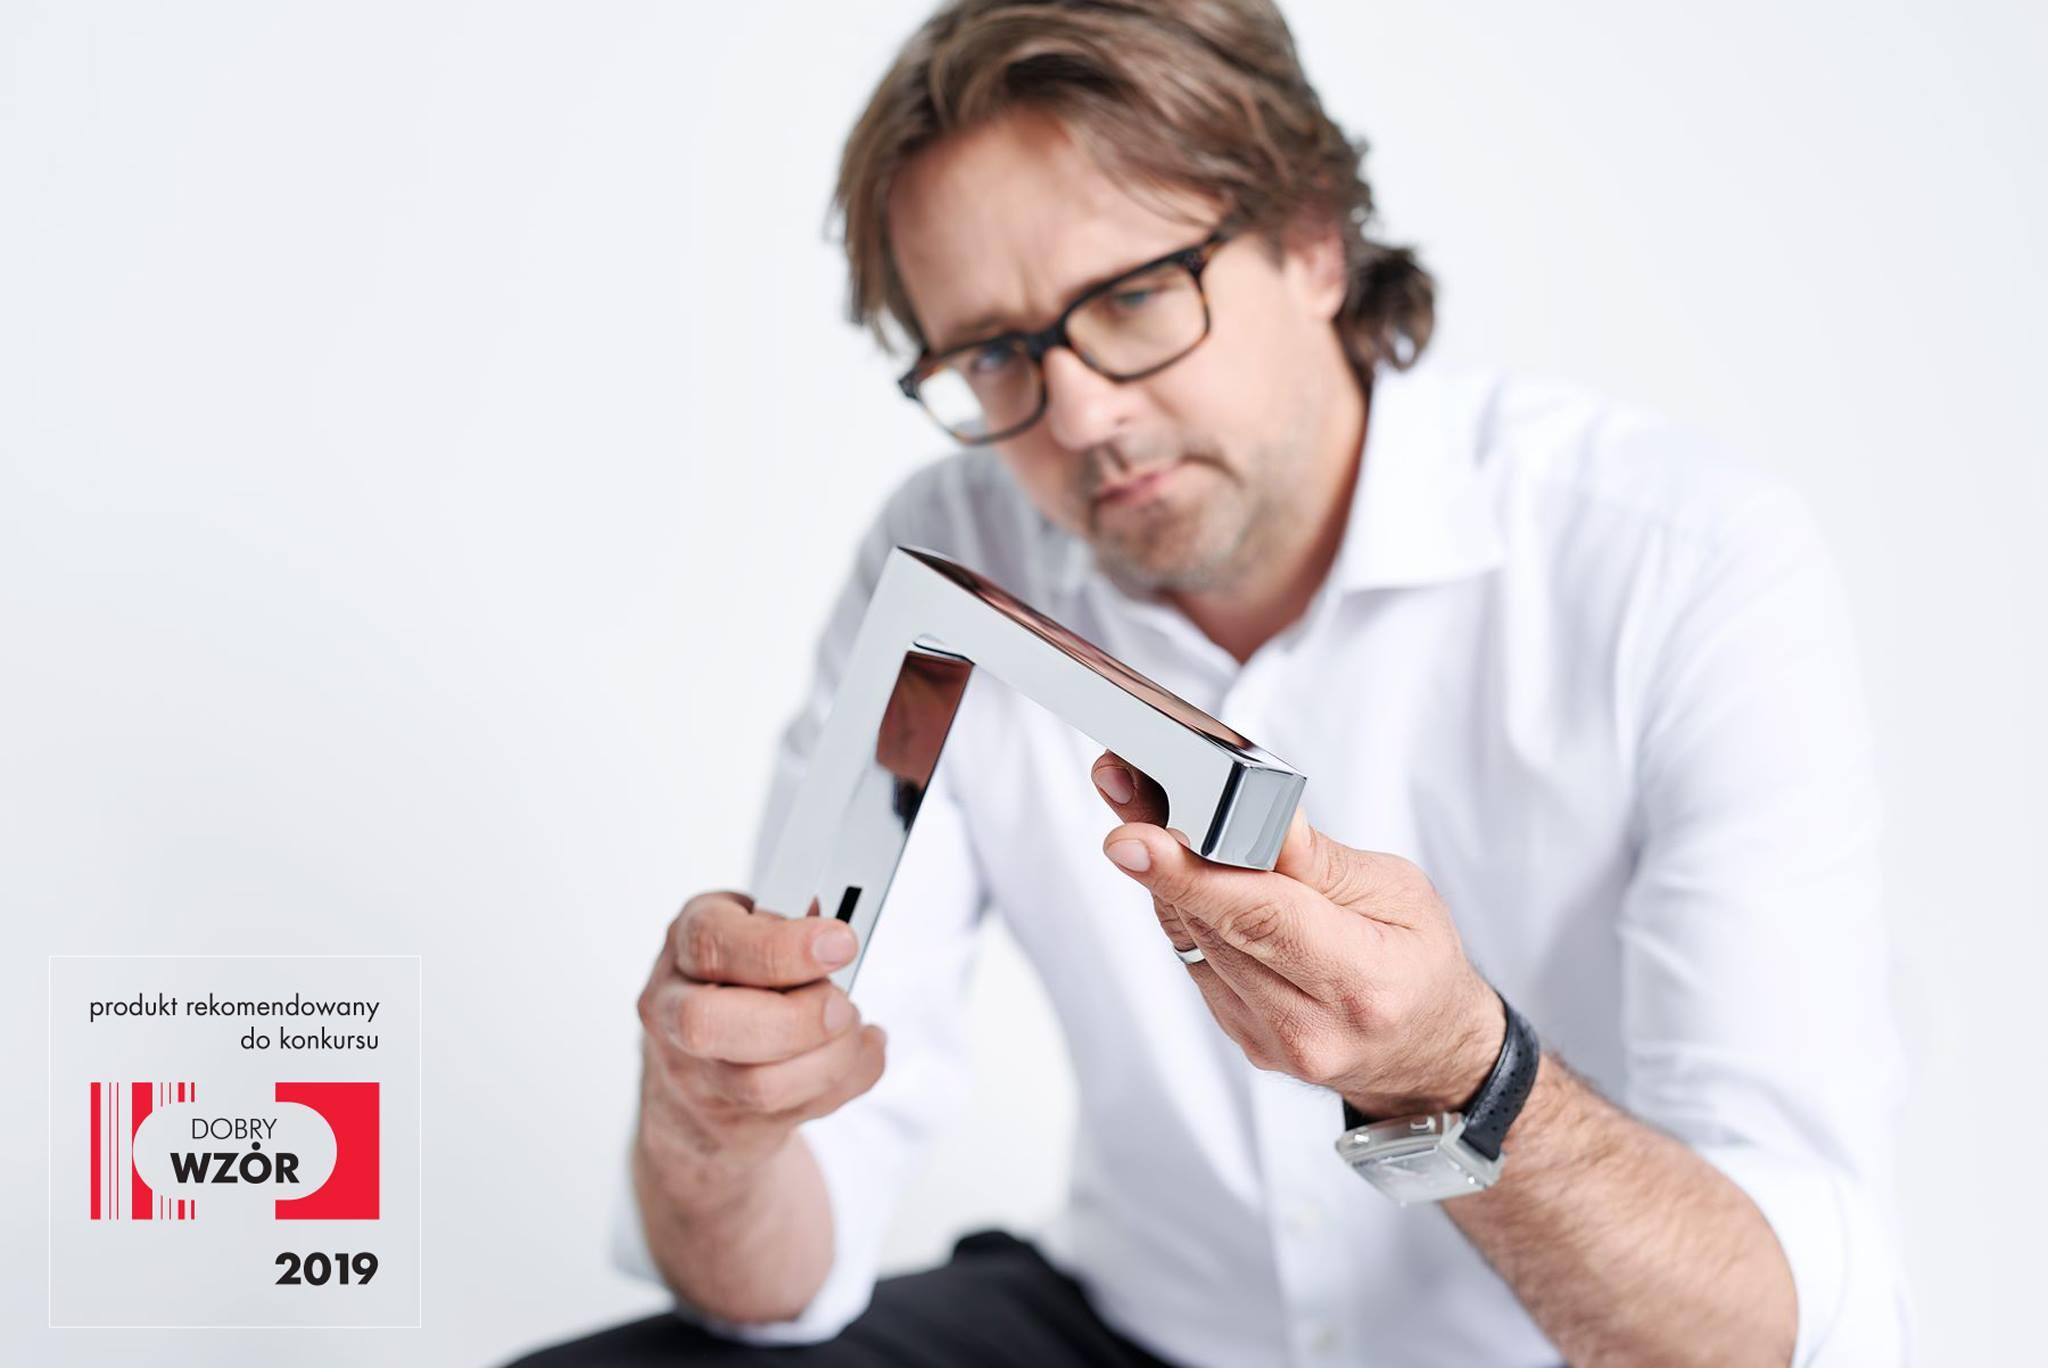 mężczyzna trzymający baterię geberit